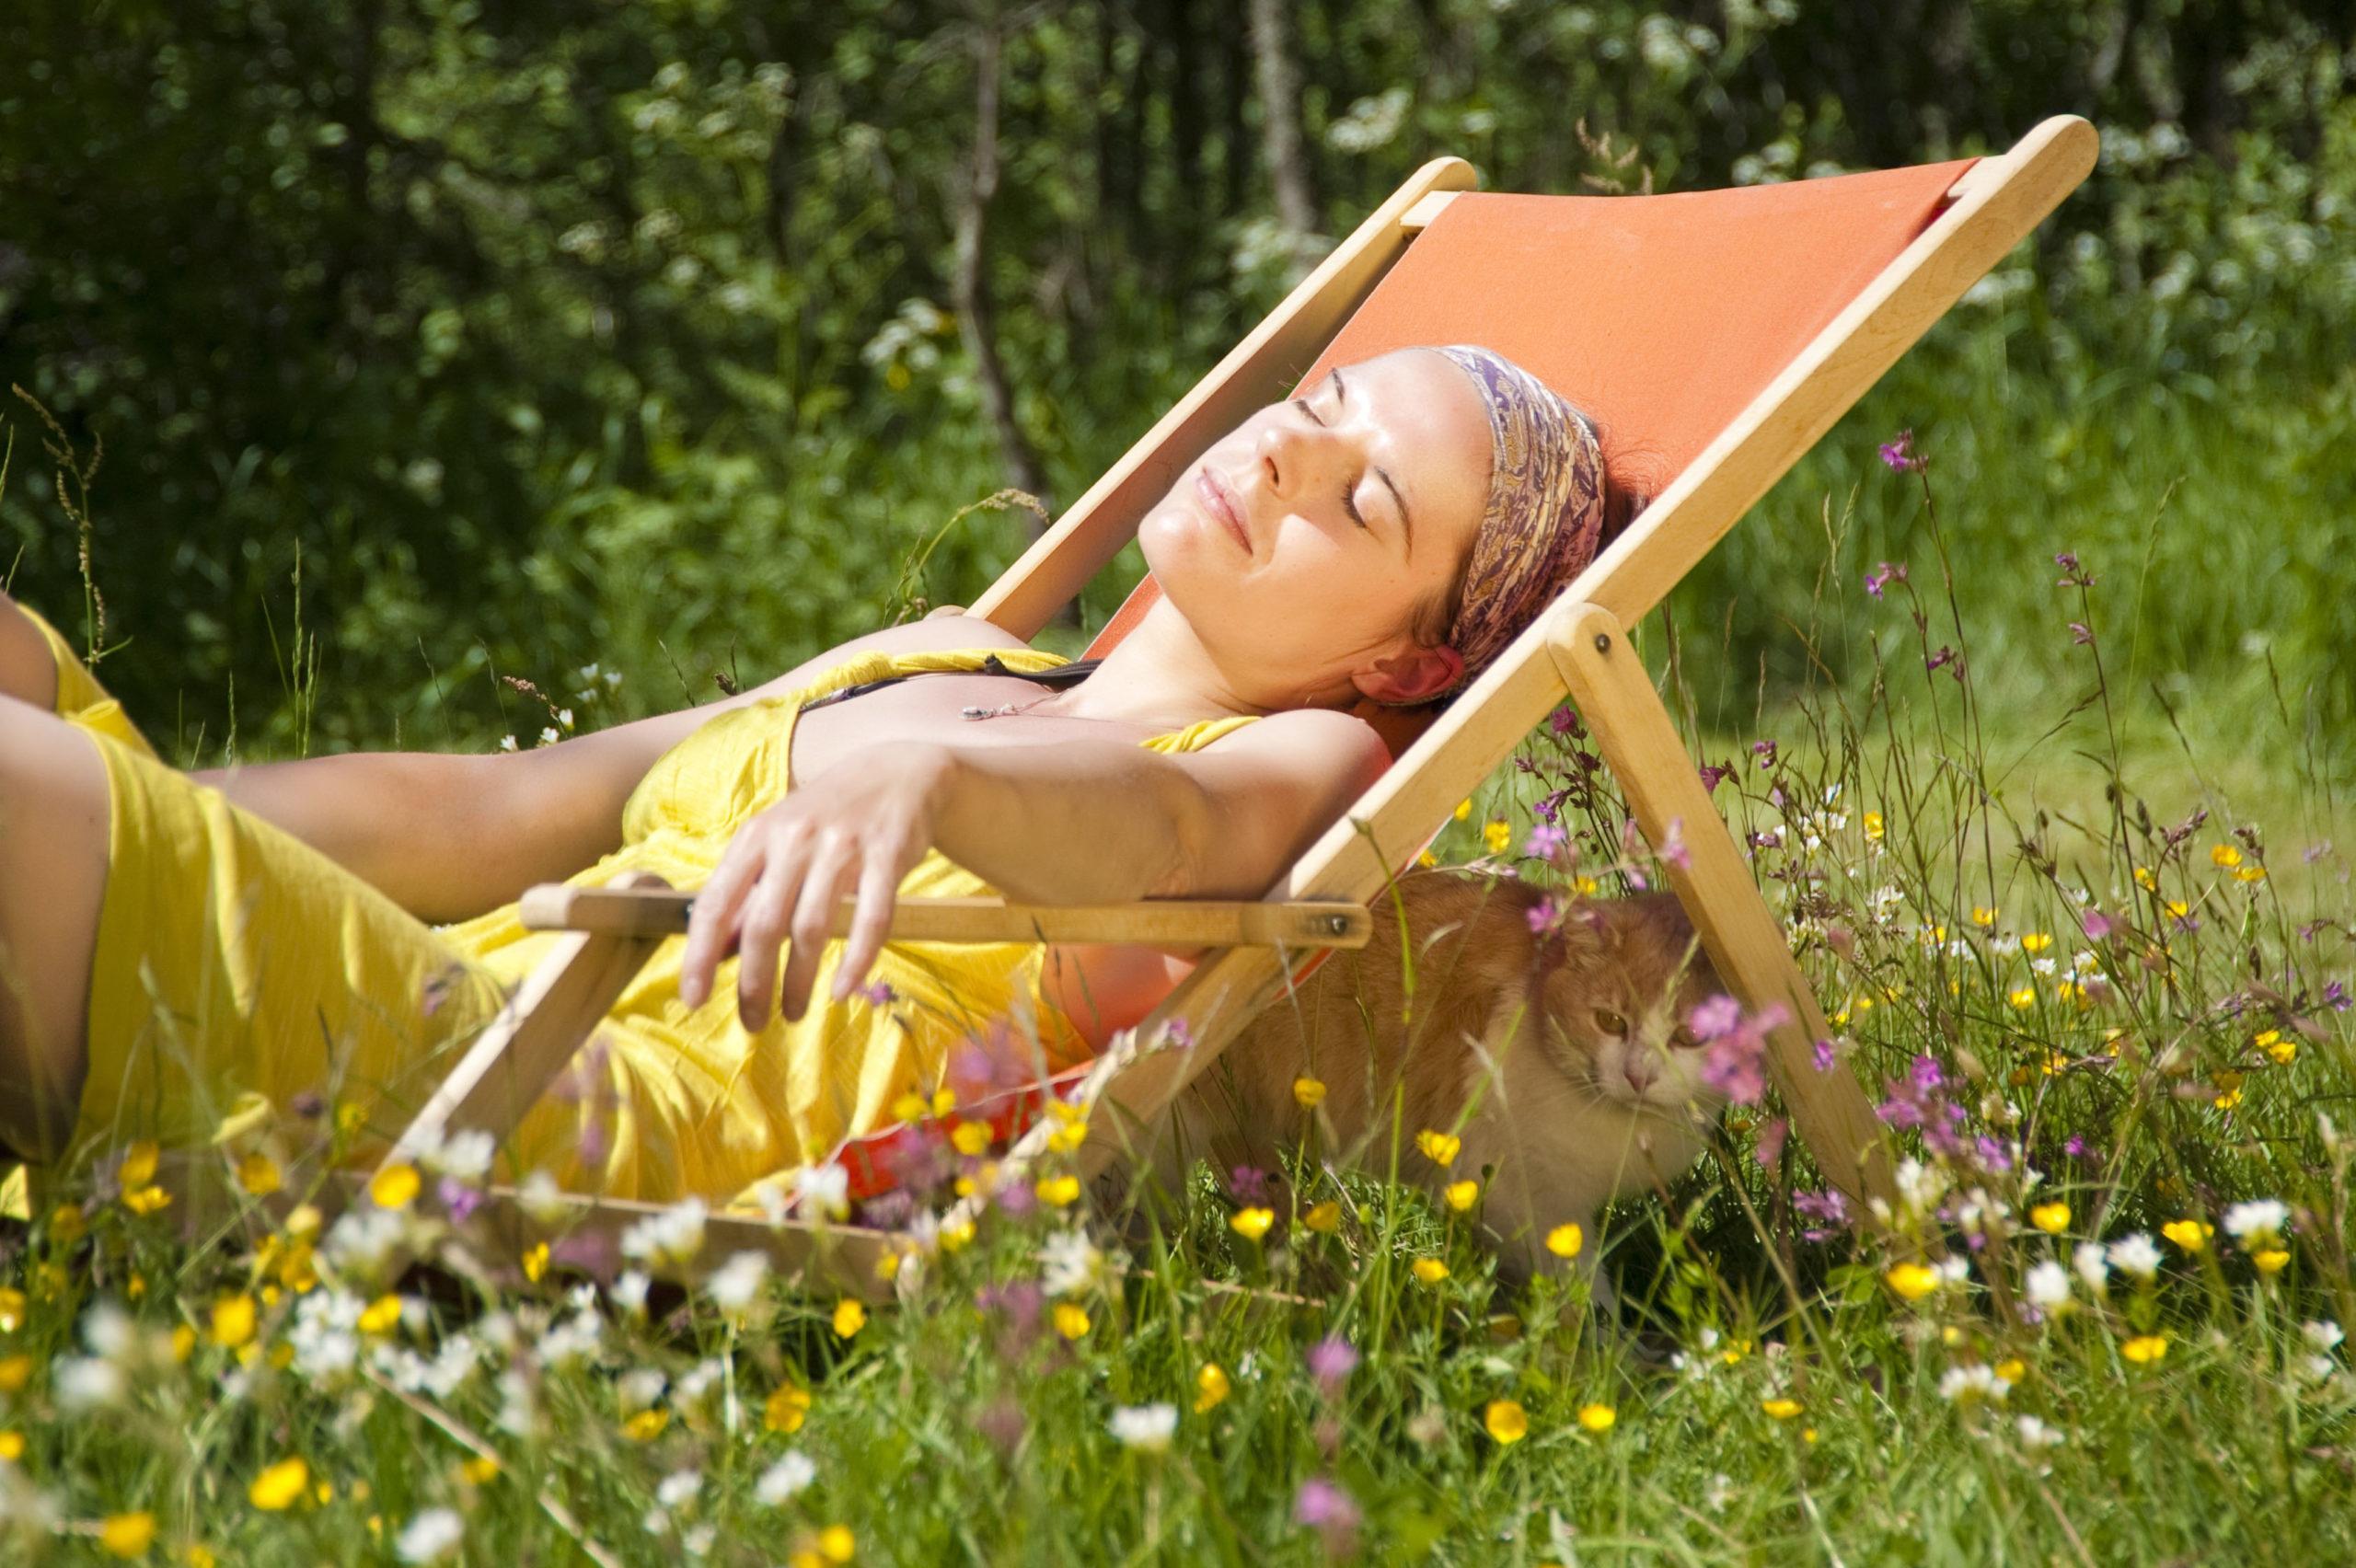 Frau im Sonnenstuhl auf einer Wiese - Probiotika gegen Heuschnupfen